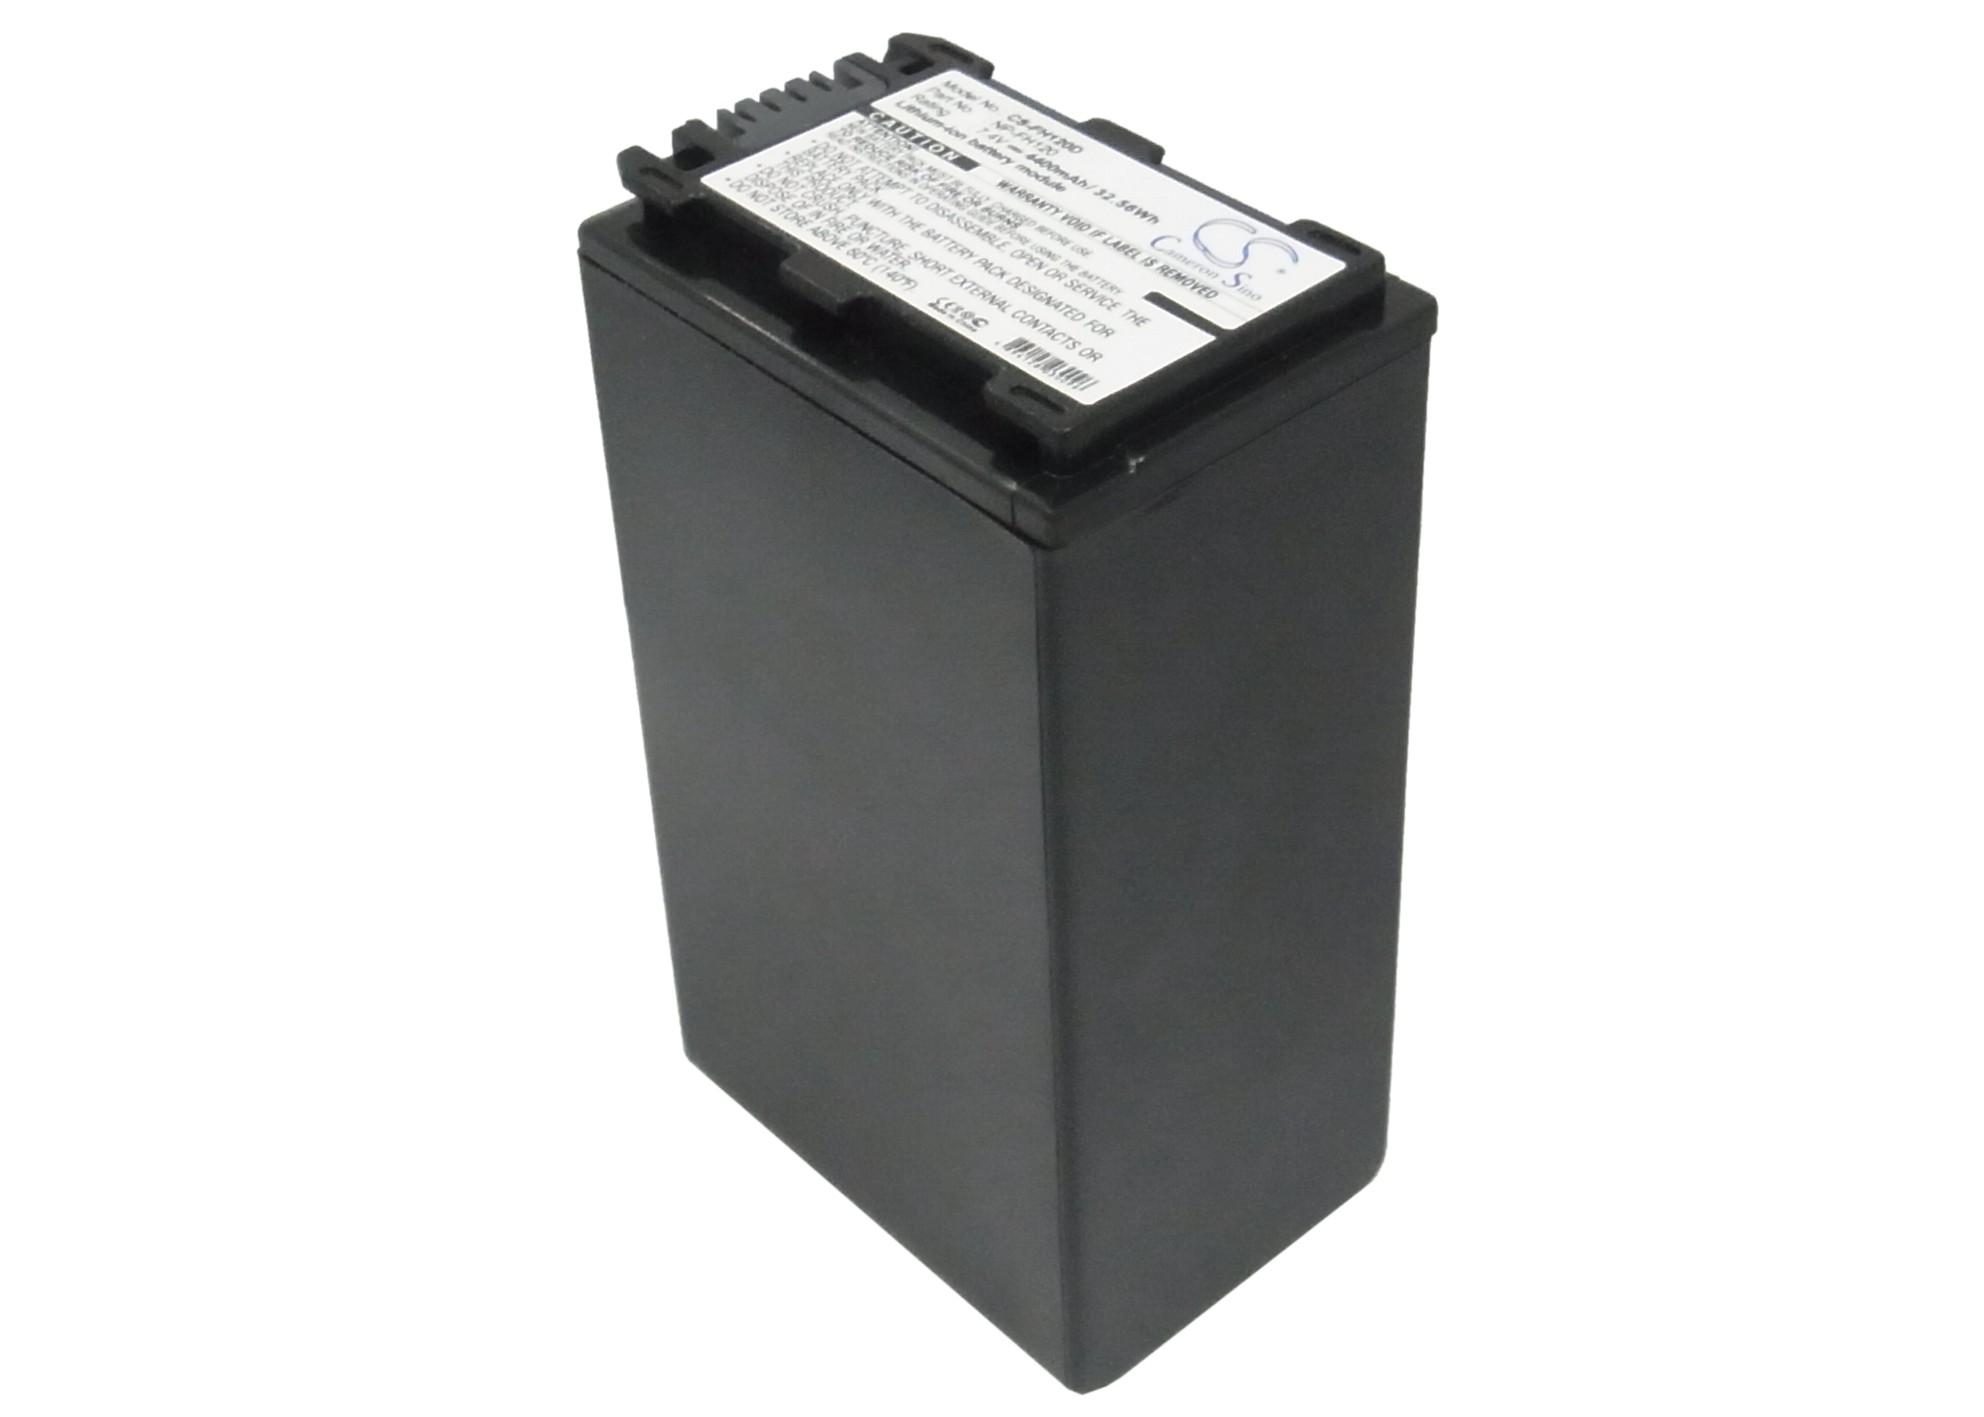 Cameron Sino baterie do kamer a fotoaparátů pro SONY DCR-HC40E 7.4V Li-ion 4400mAh černá - neoriginální